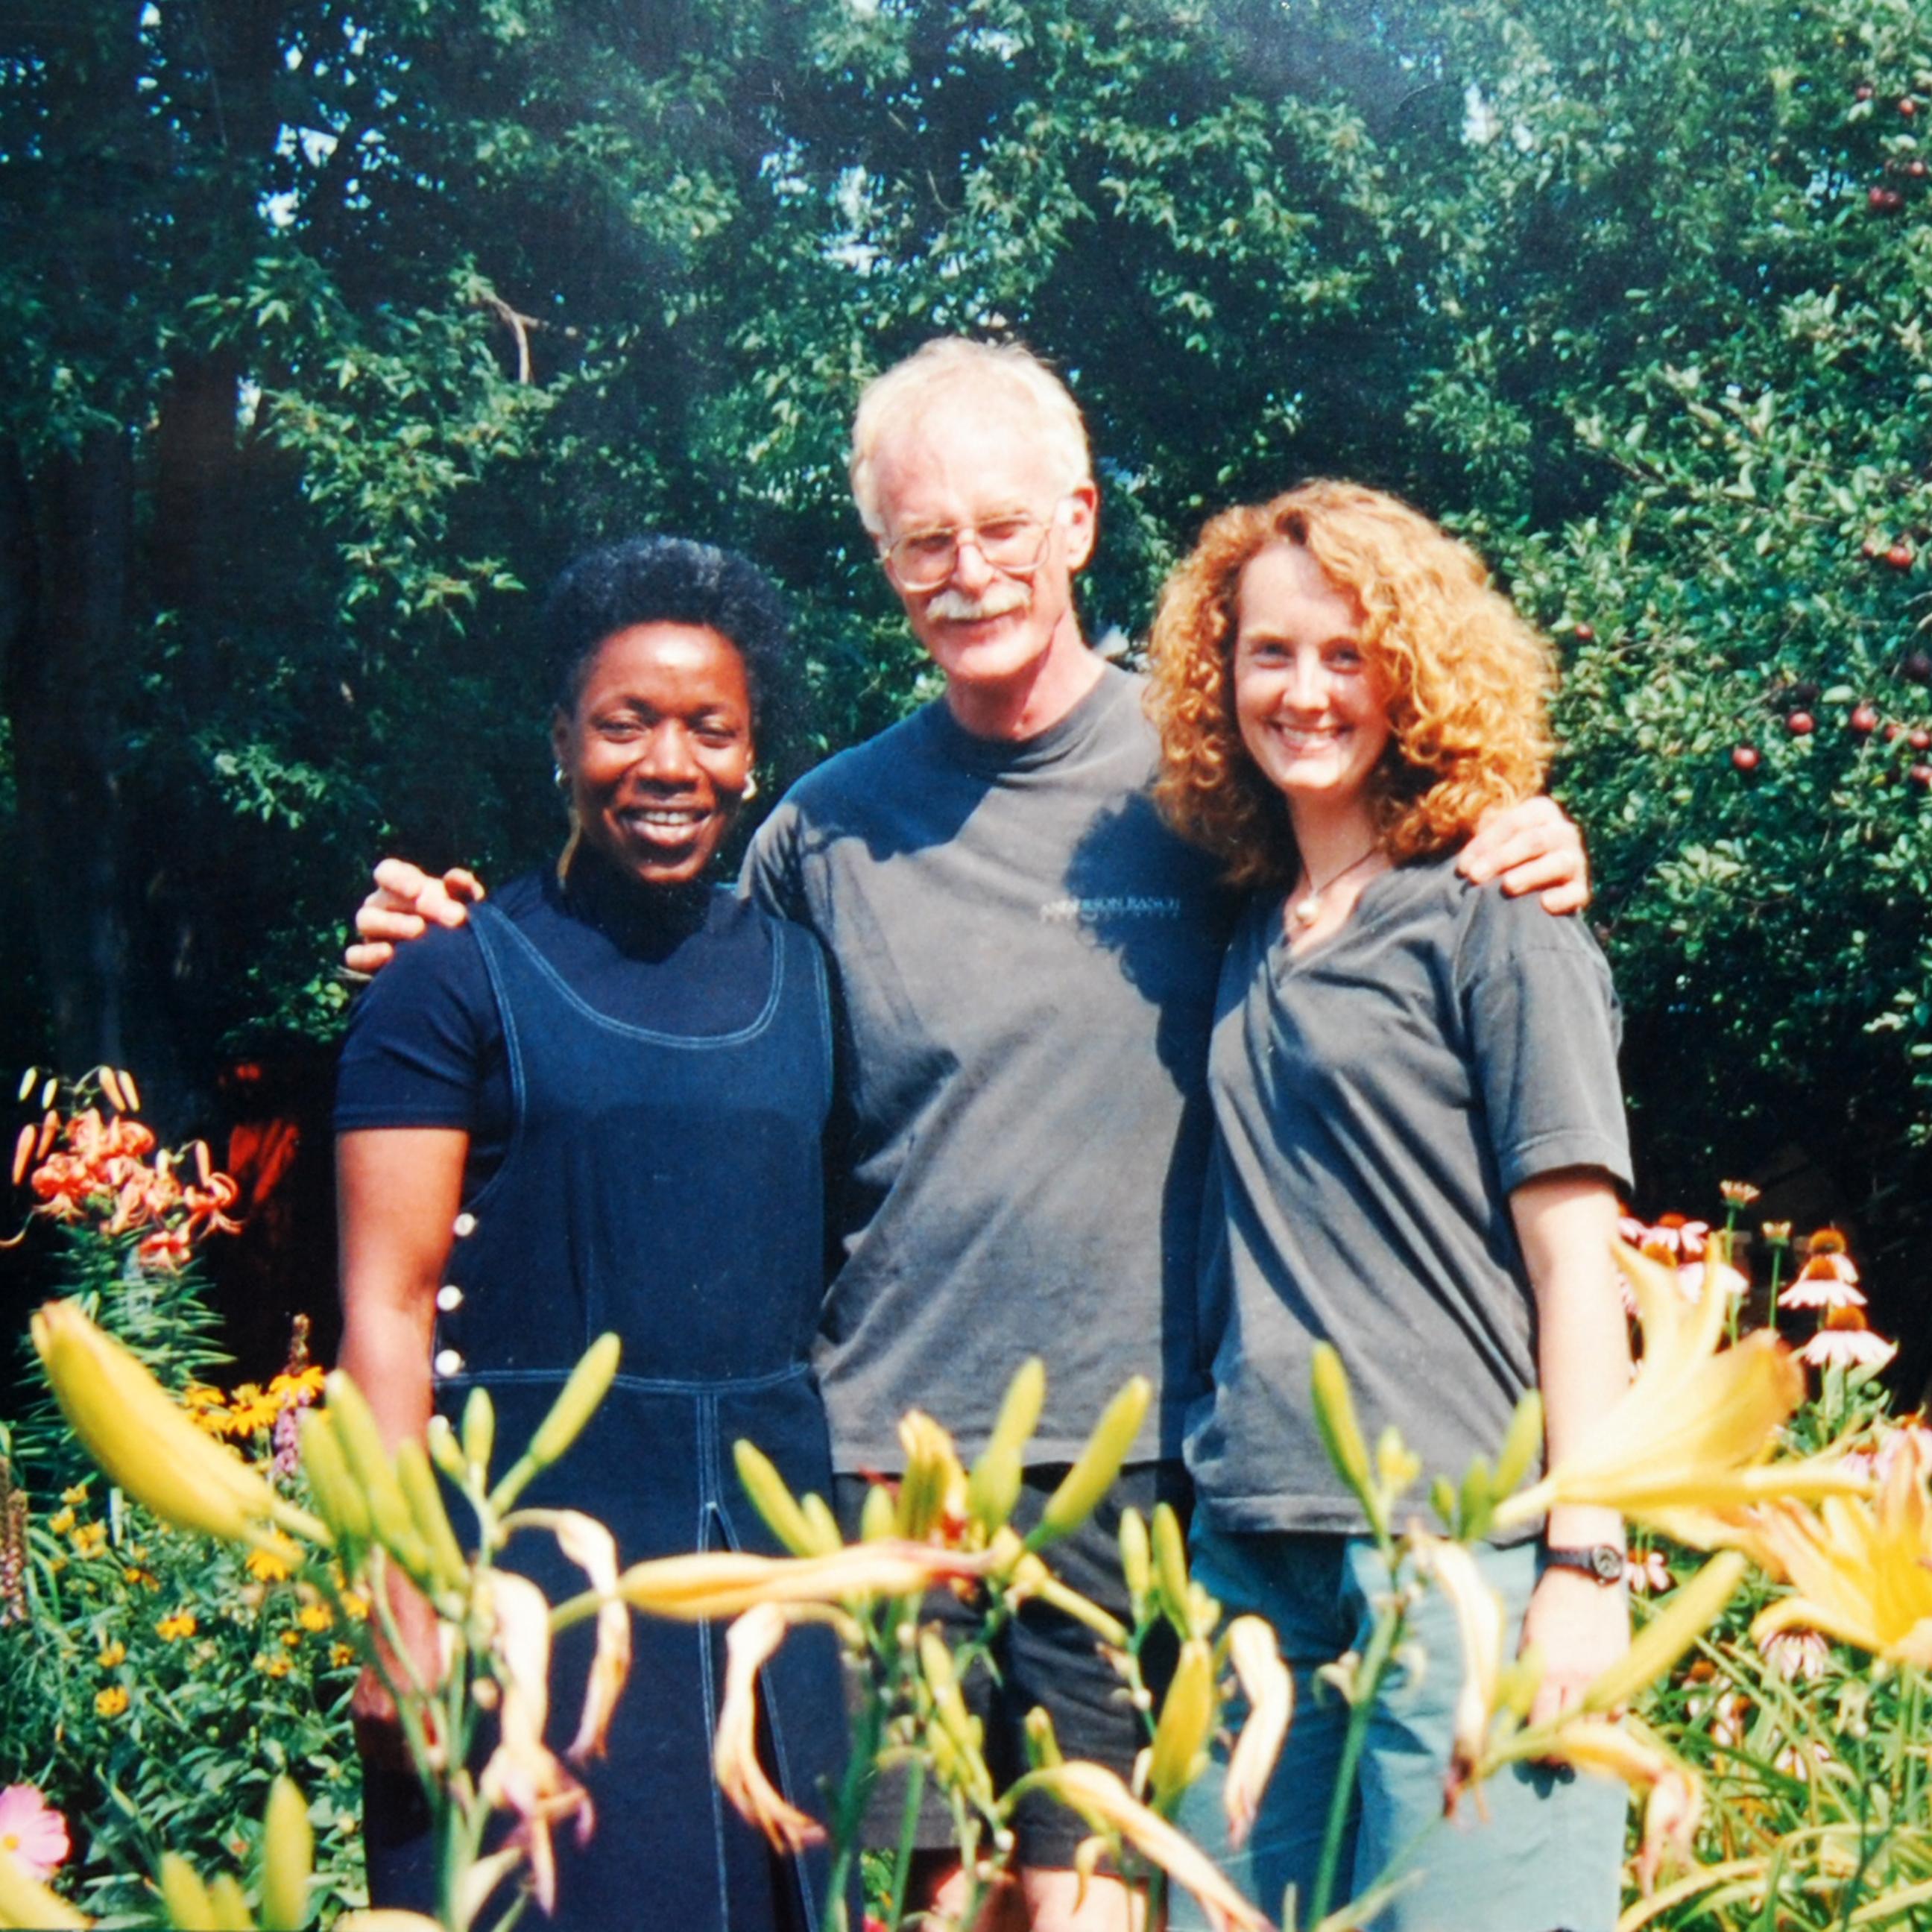 Magdalene Odundo, John Glick, and Kristen Kieffer, c. 1996.